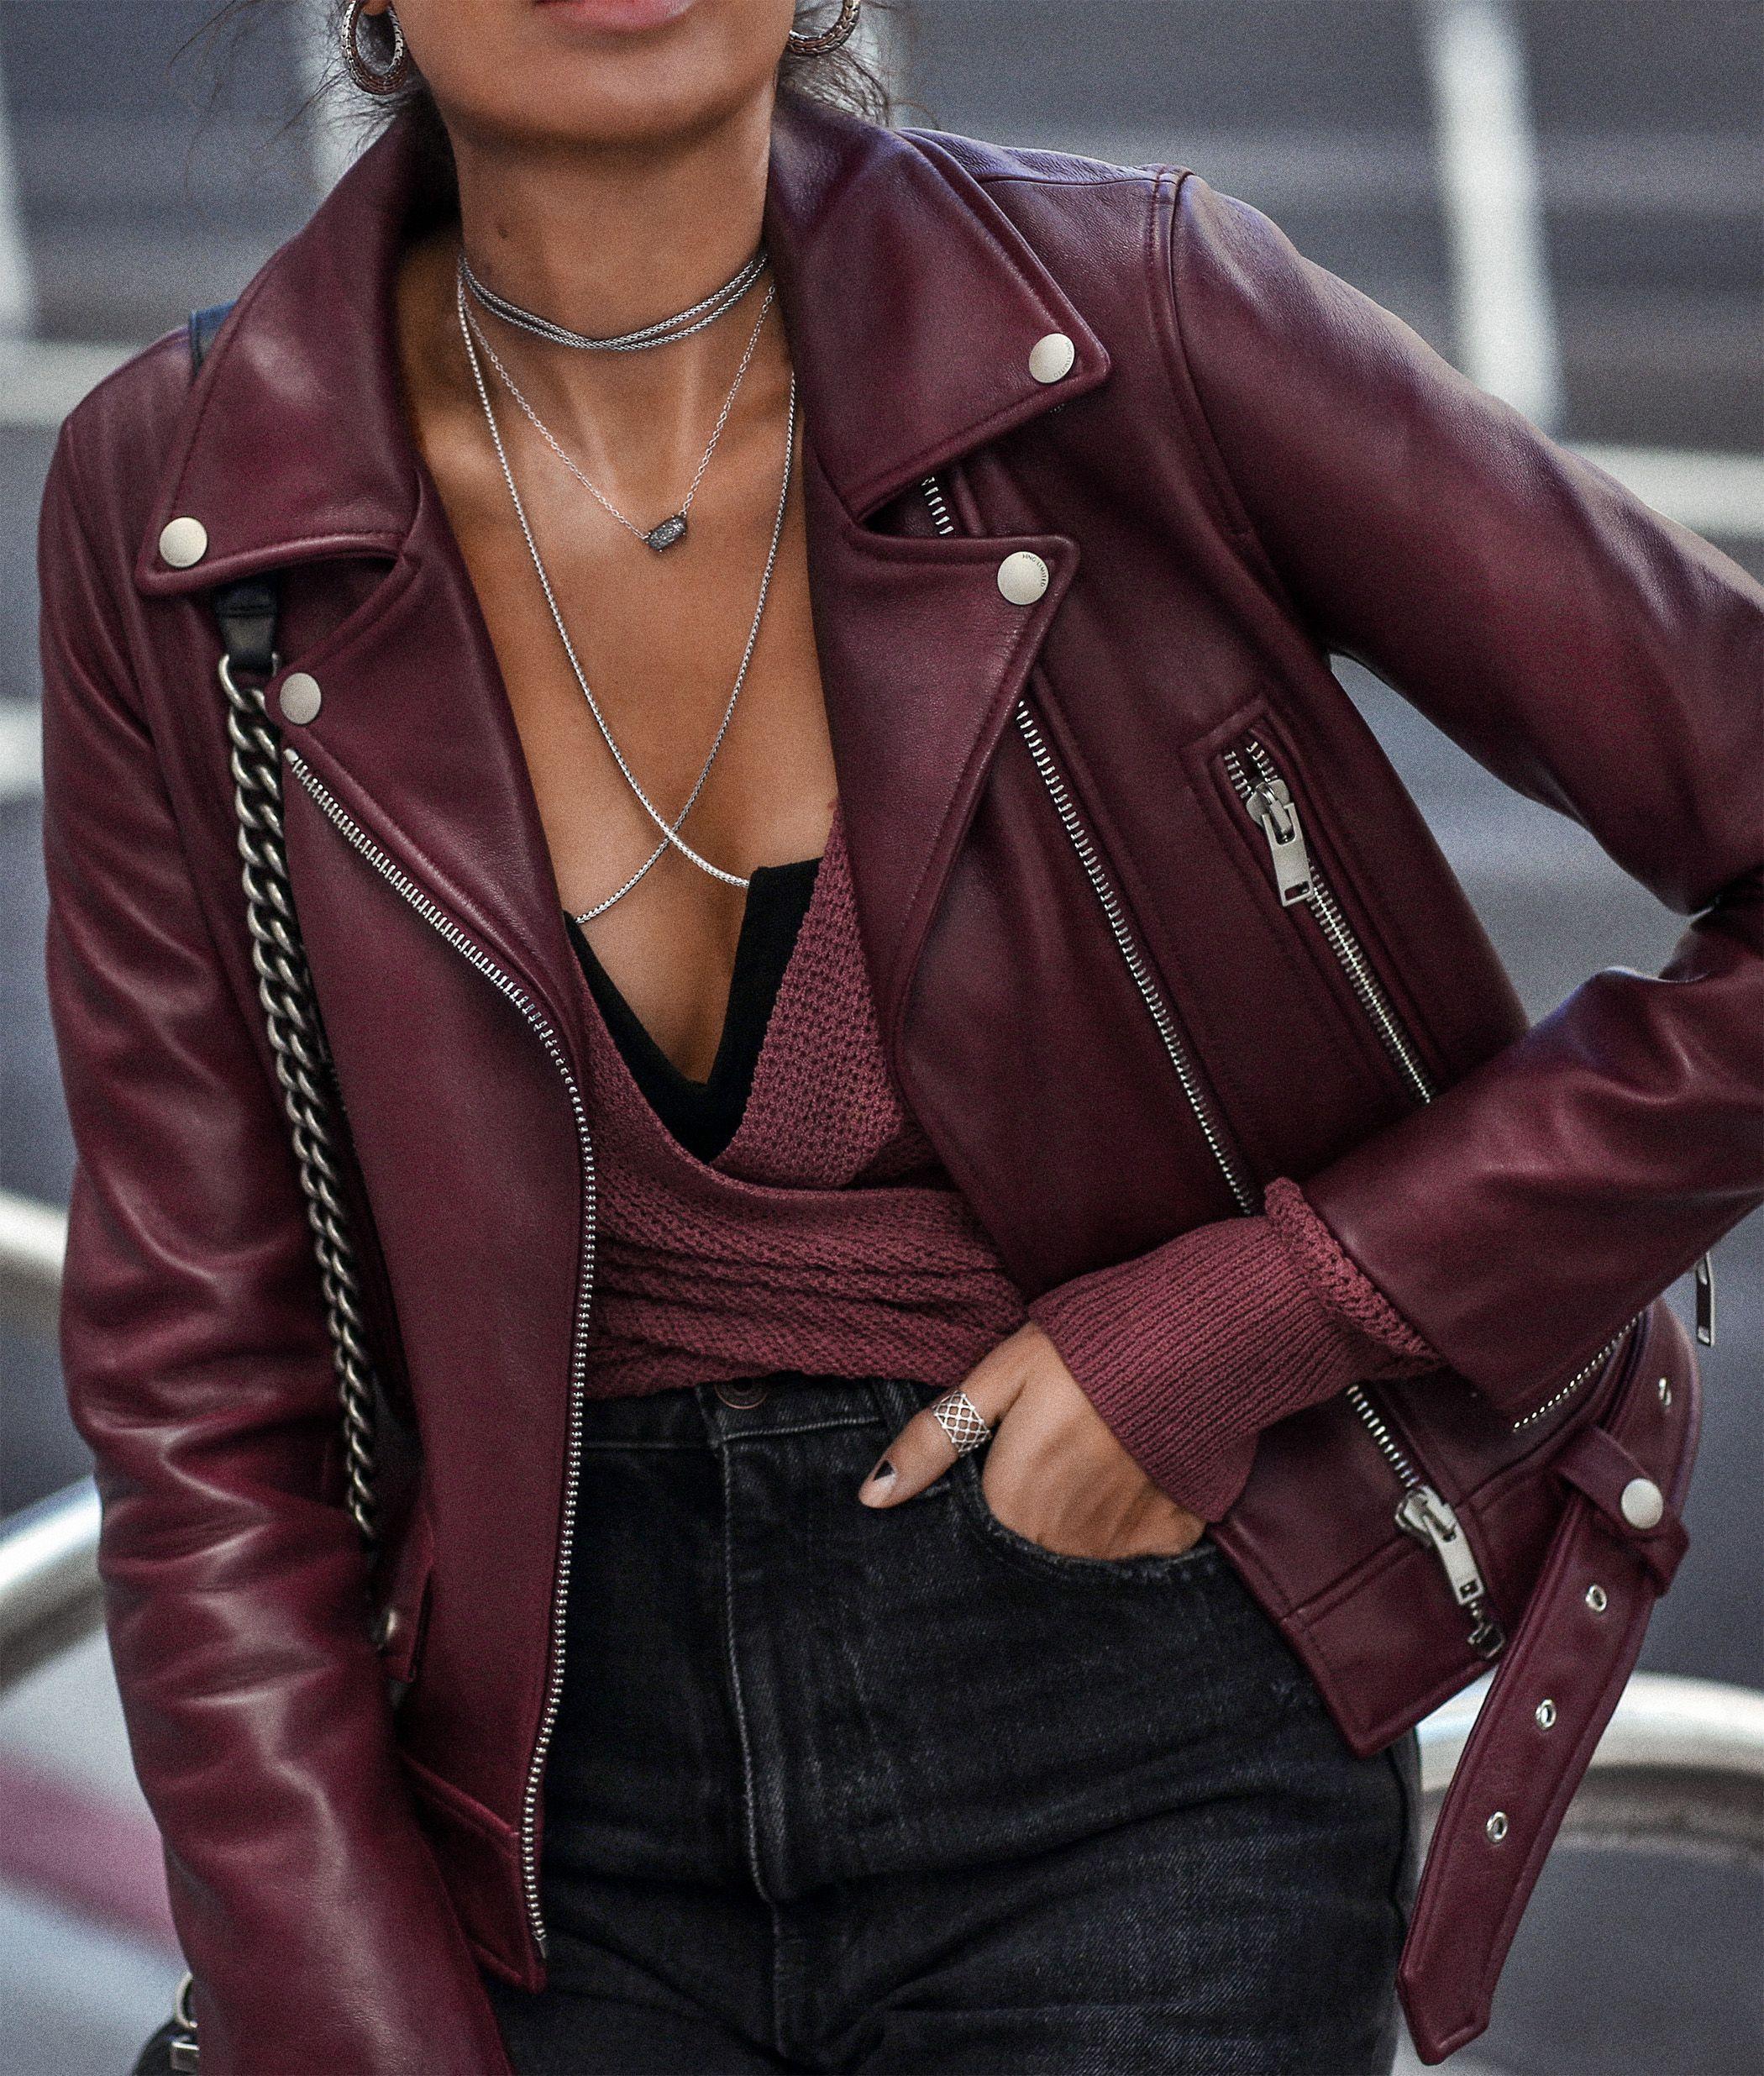 FASHIONEDCHIC Burgundy leather jacket, Leather